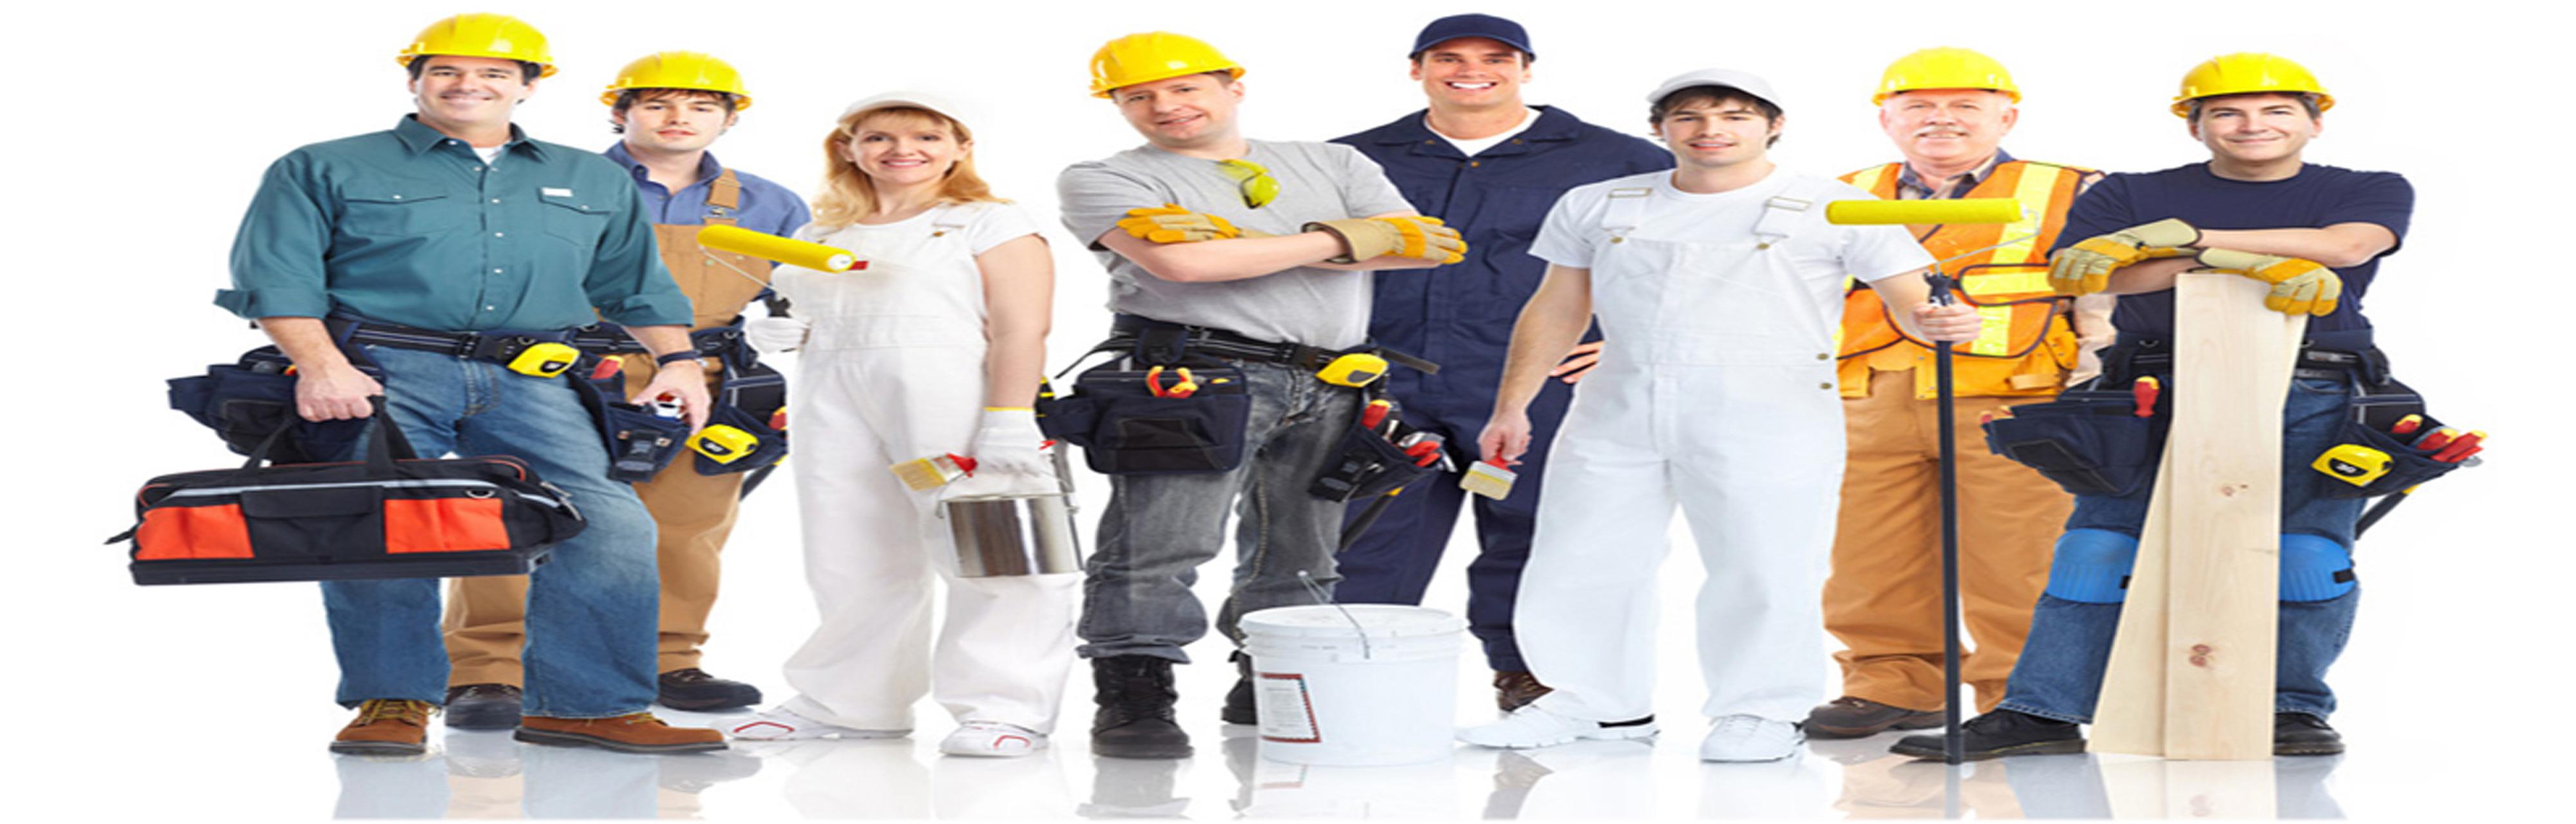 Artisans cherche chantier batiment